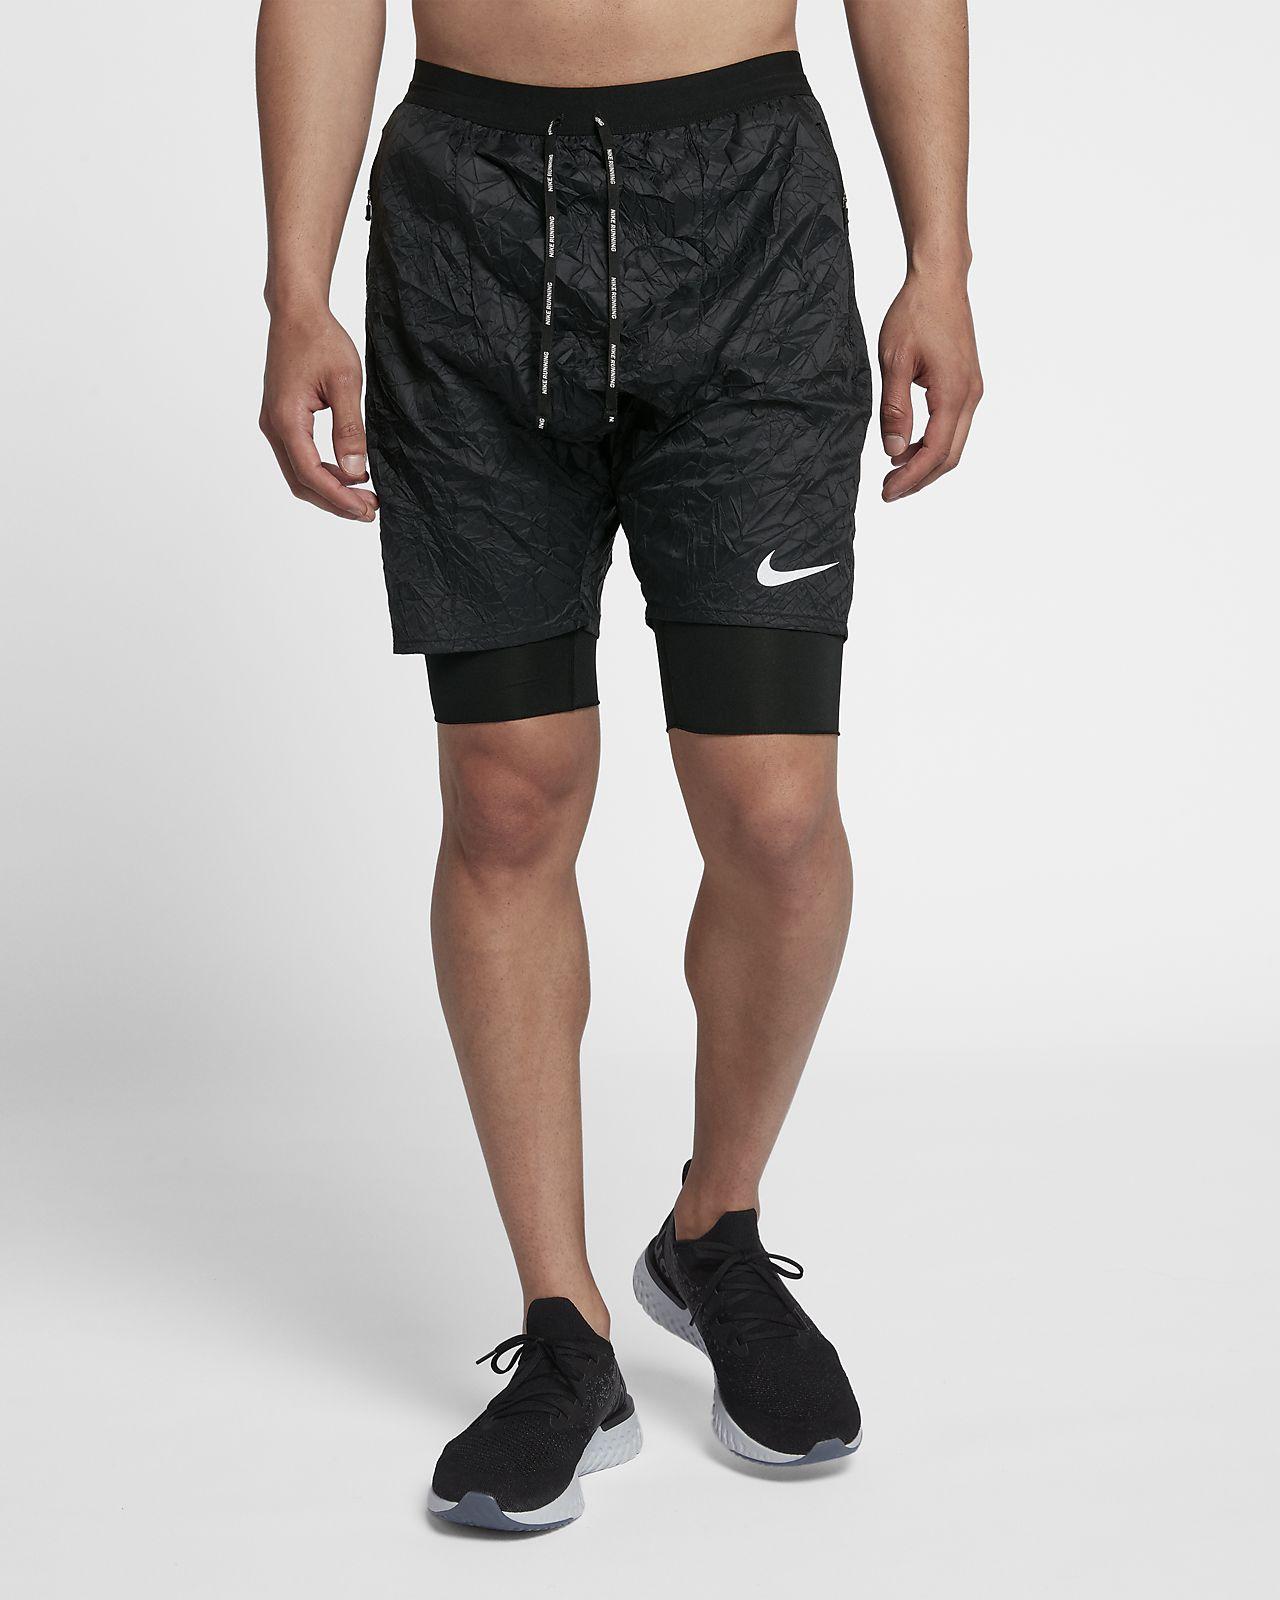 กางเกงวิ่งขาสั้นผู้ชาย Nike Flex Stride Elevate